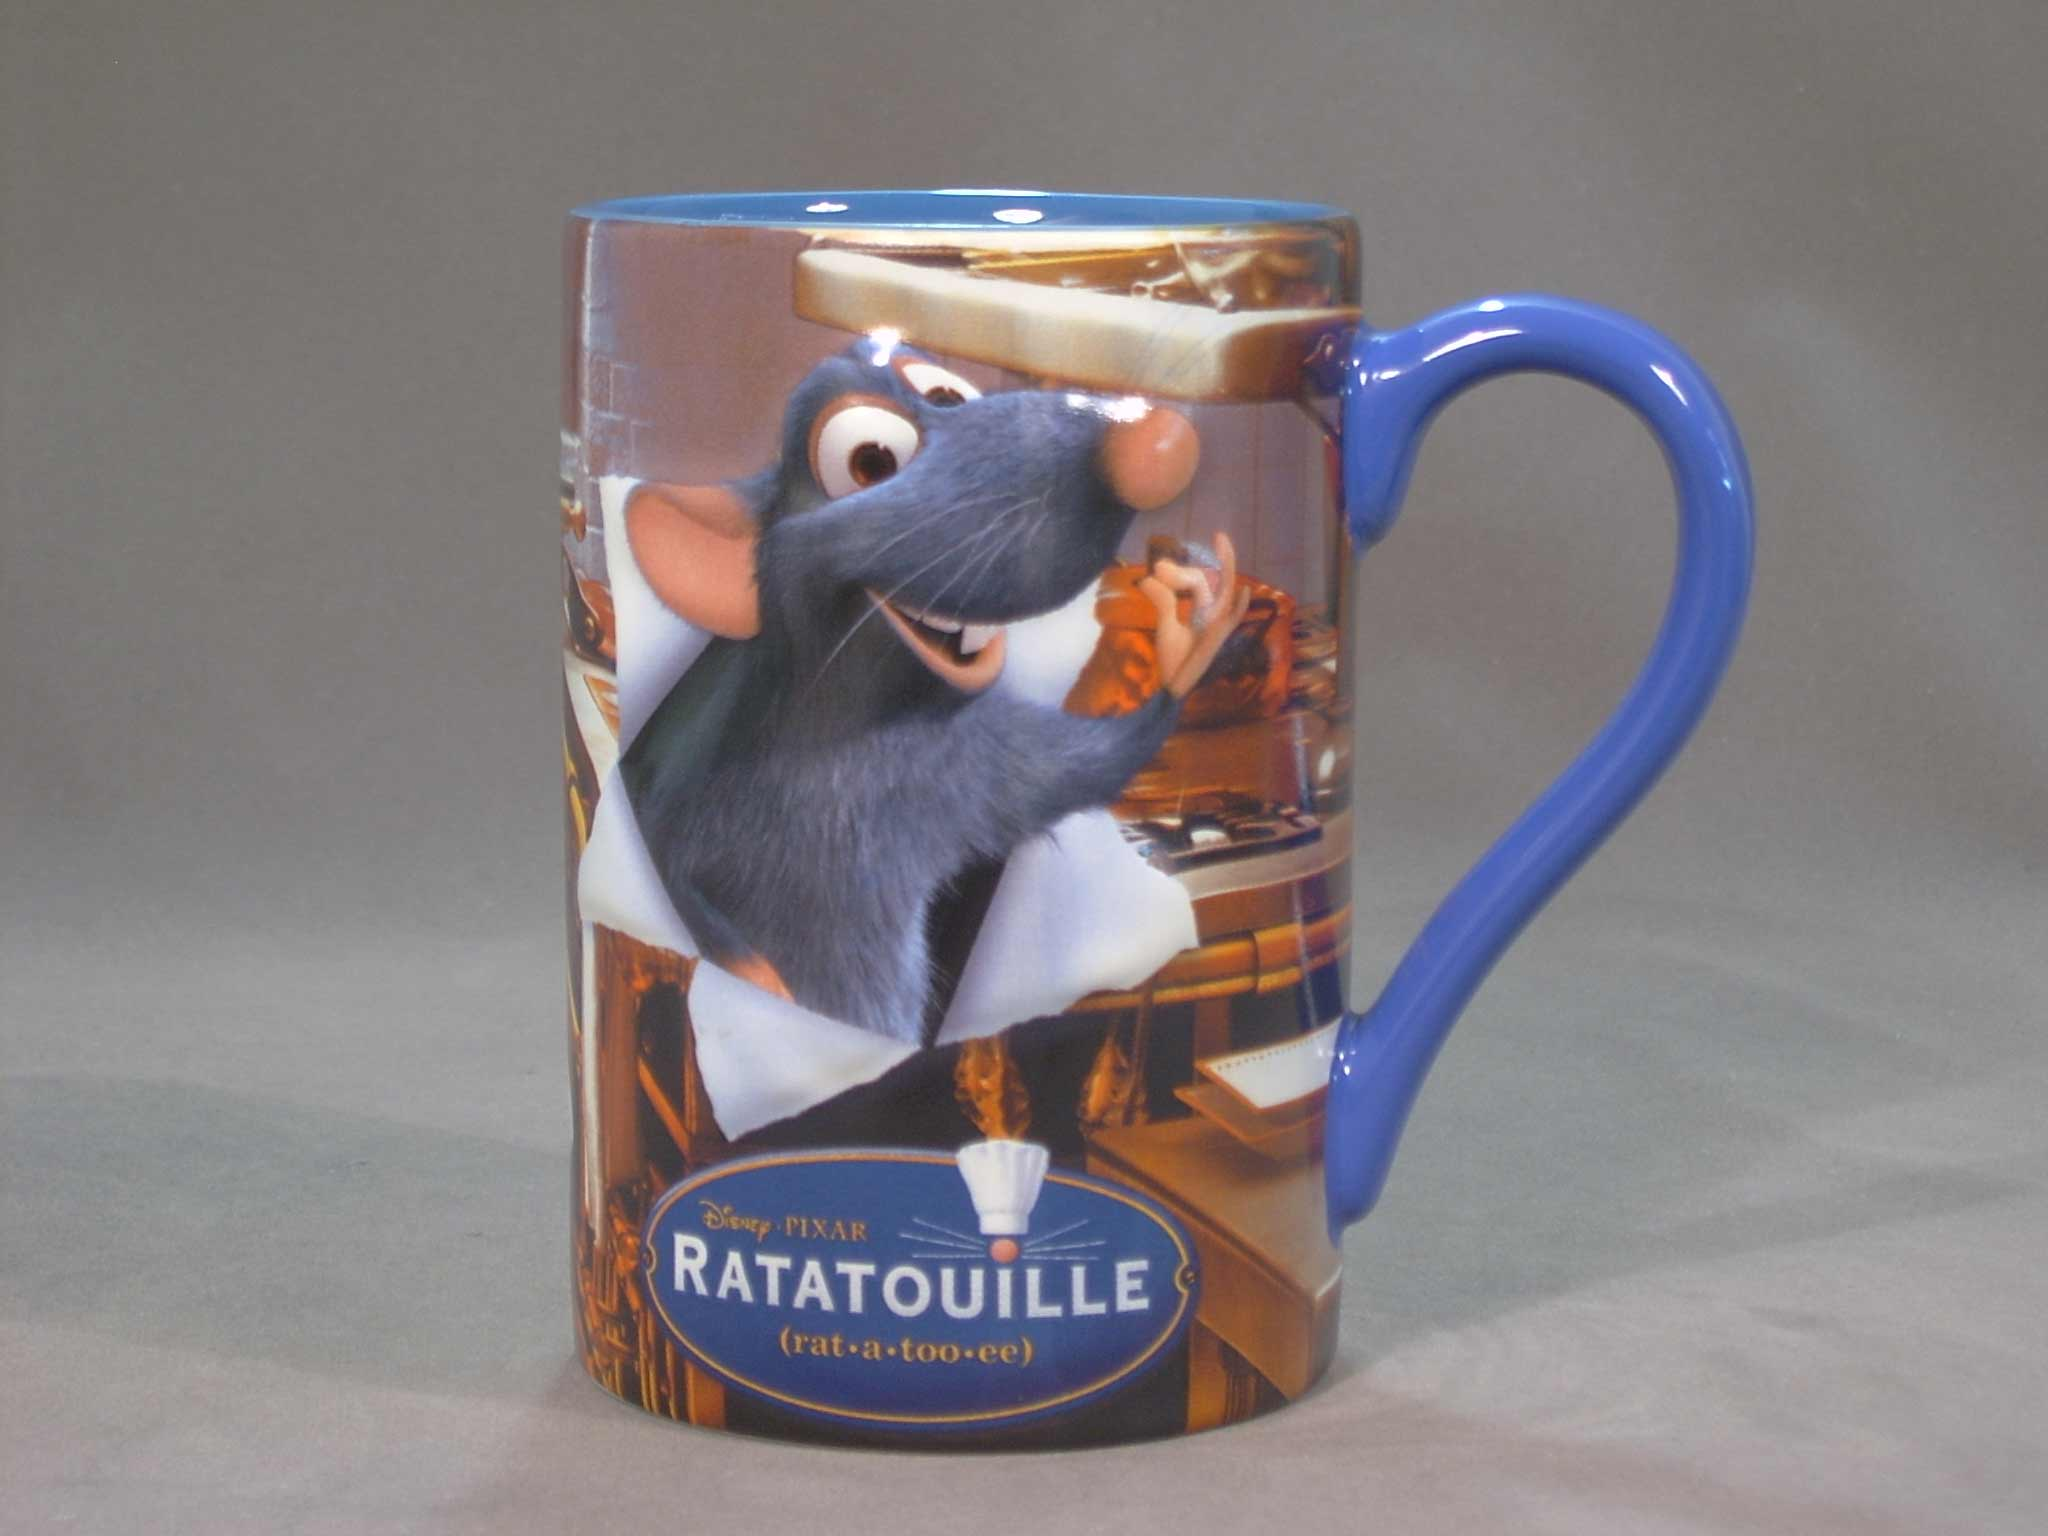 แก้วดิสนีย์ ลายพ่อครัวตัวจิ๋วหัวใจคับโลก(Ratatouille)